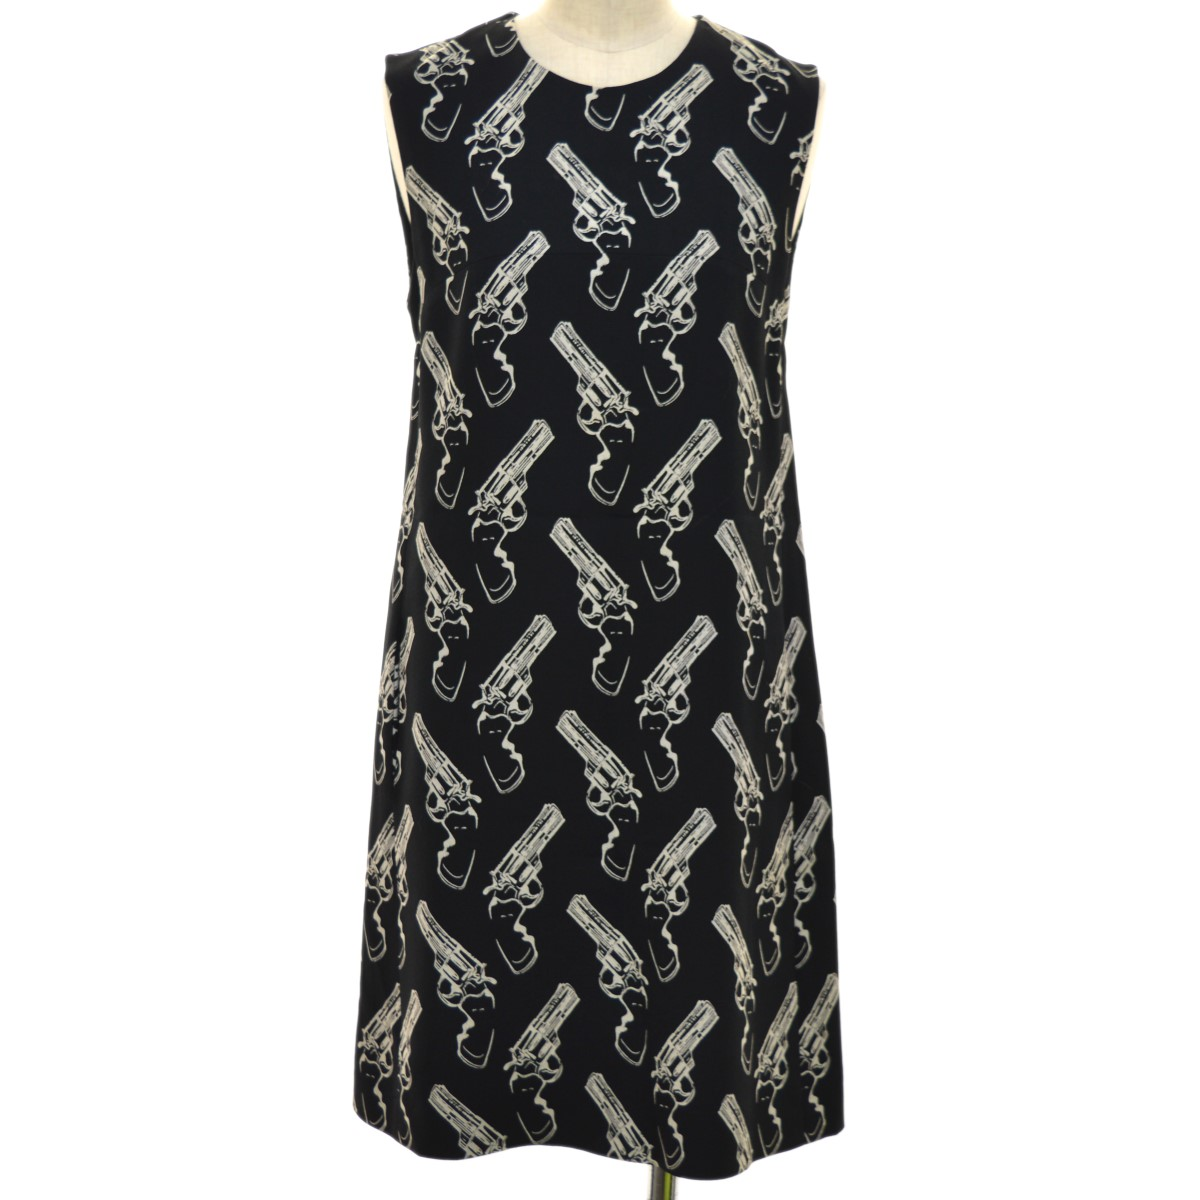 【中古】SAINT LAURENT PARIS Gun Motif sleeveless Dress ノースリーブワンピース ブラック サイズ:36 【040520】(サンローランパリ)